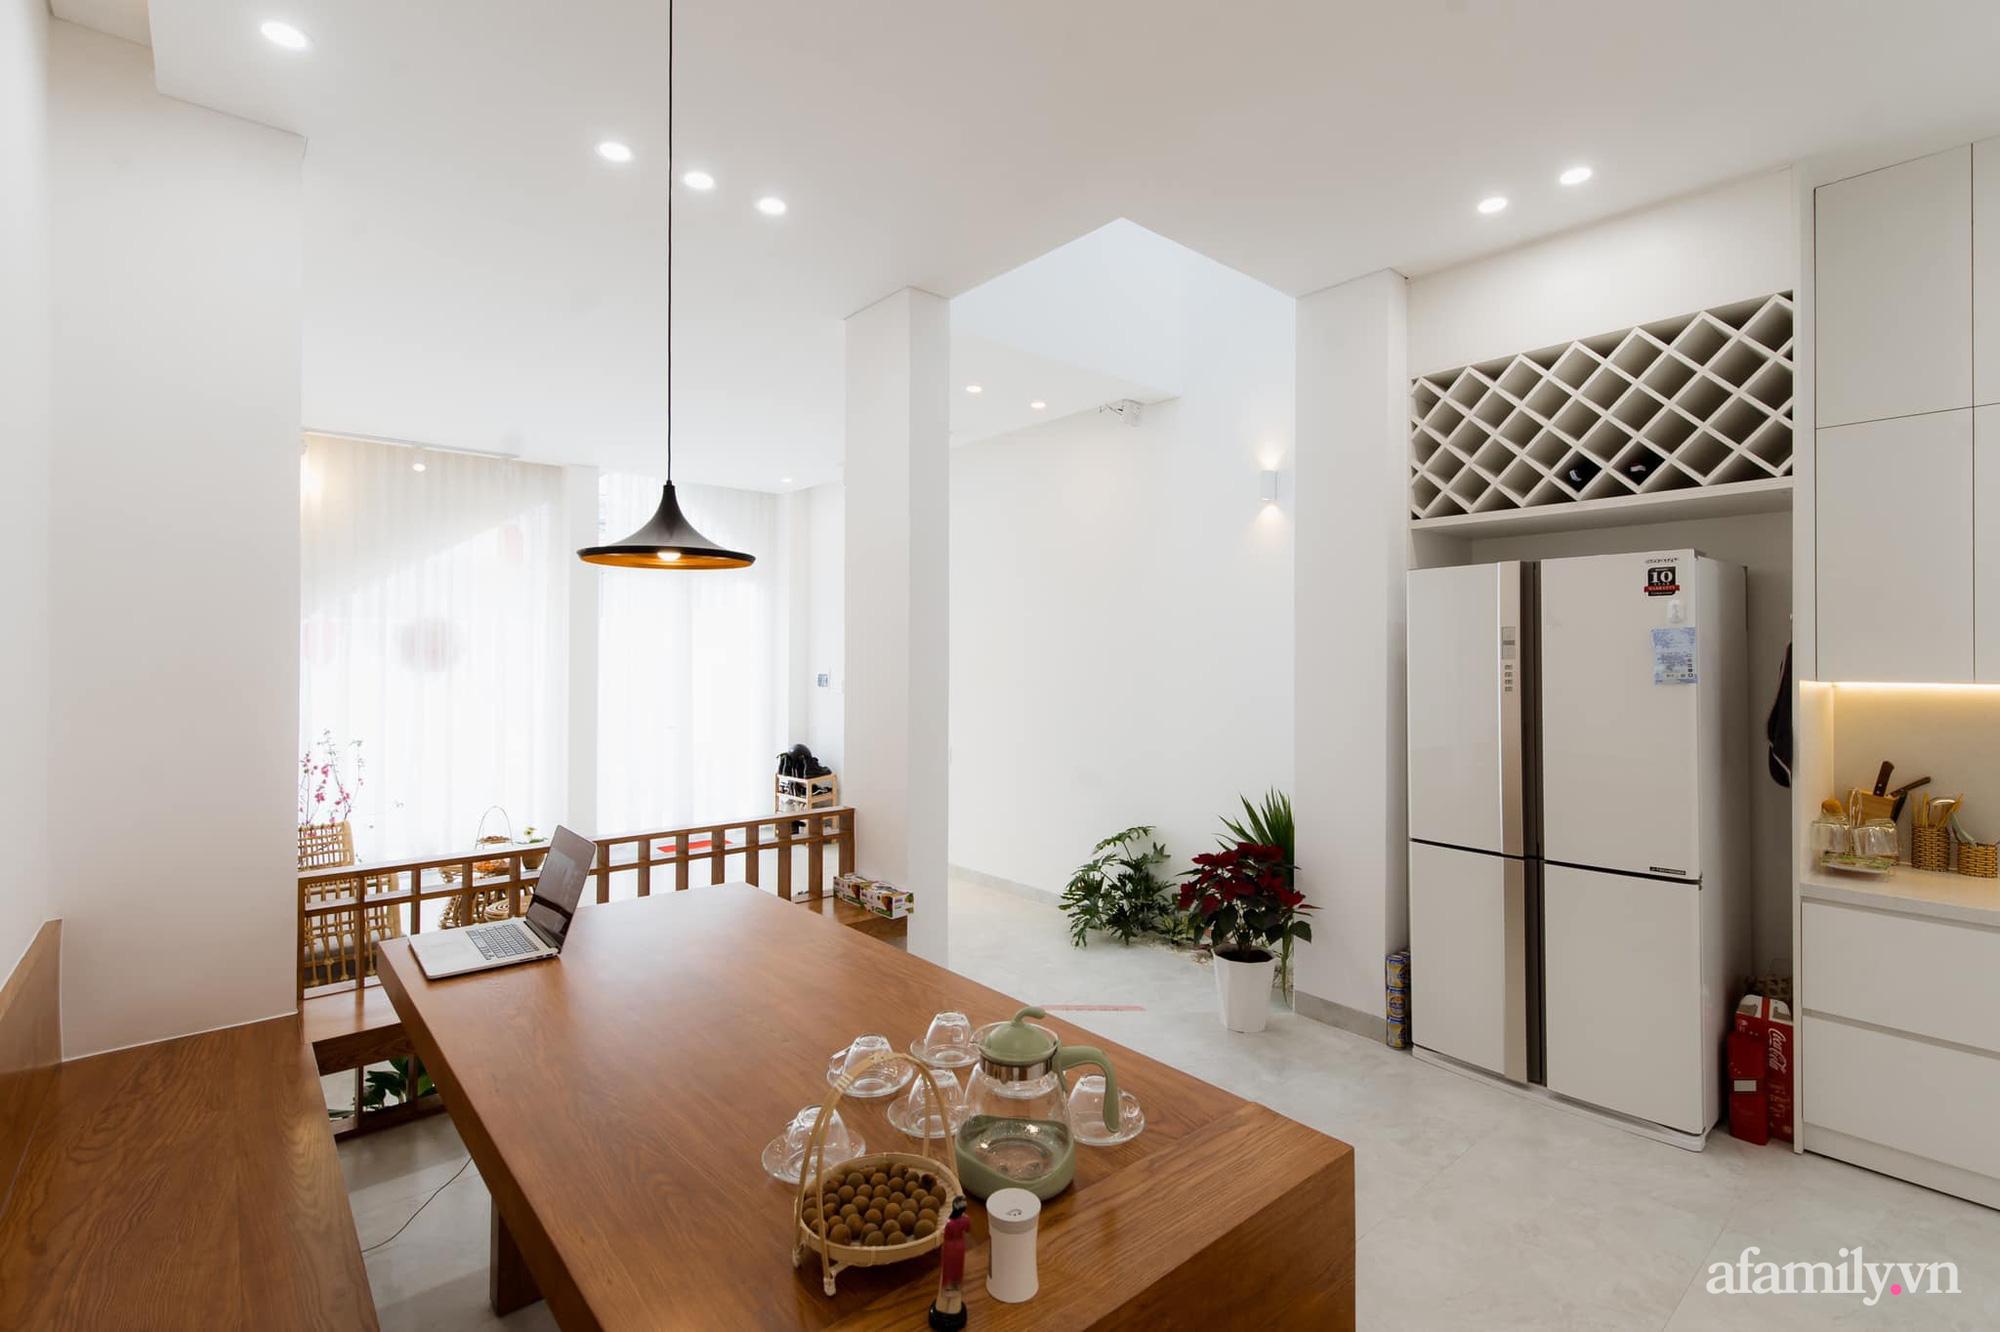 Căn nhà phố màu trắng gọn xinh ấm cúng của cặp vợ chồng trẻ Đà Nẵng có chi phí hoàn thiện 1,4 tỷ đồng - Ảnh 10.